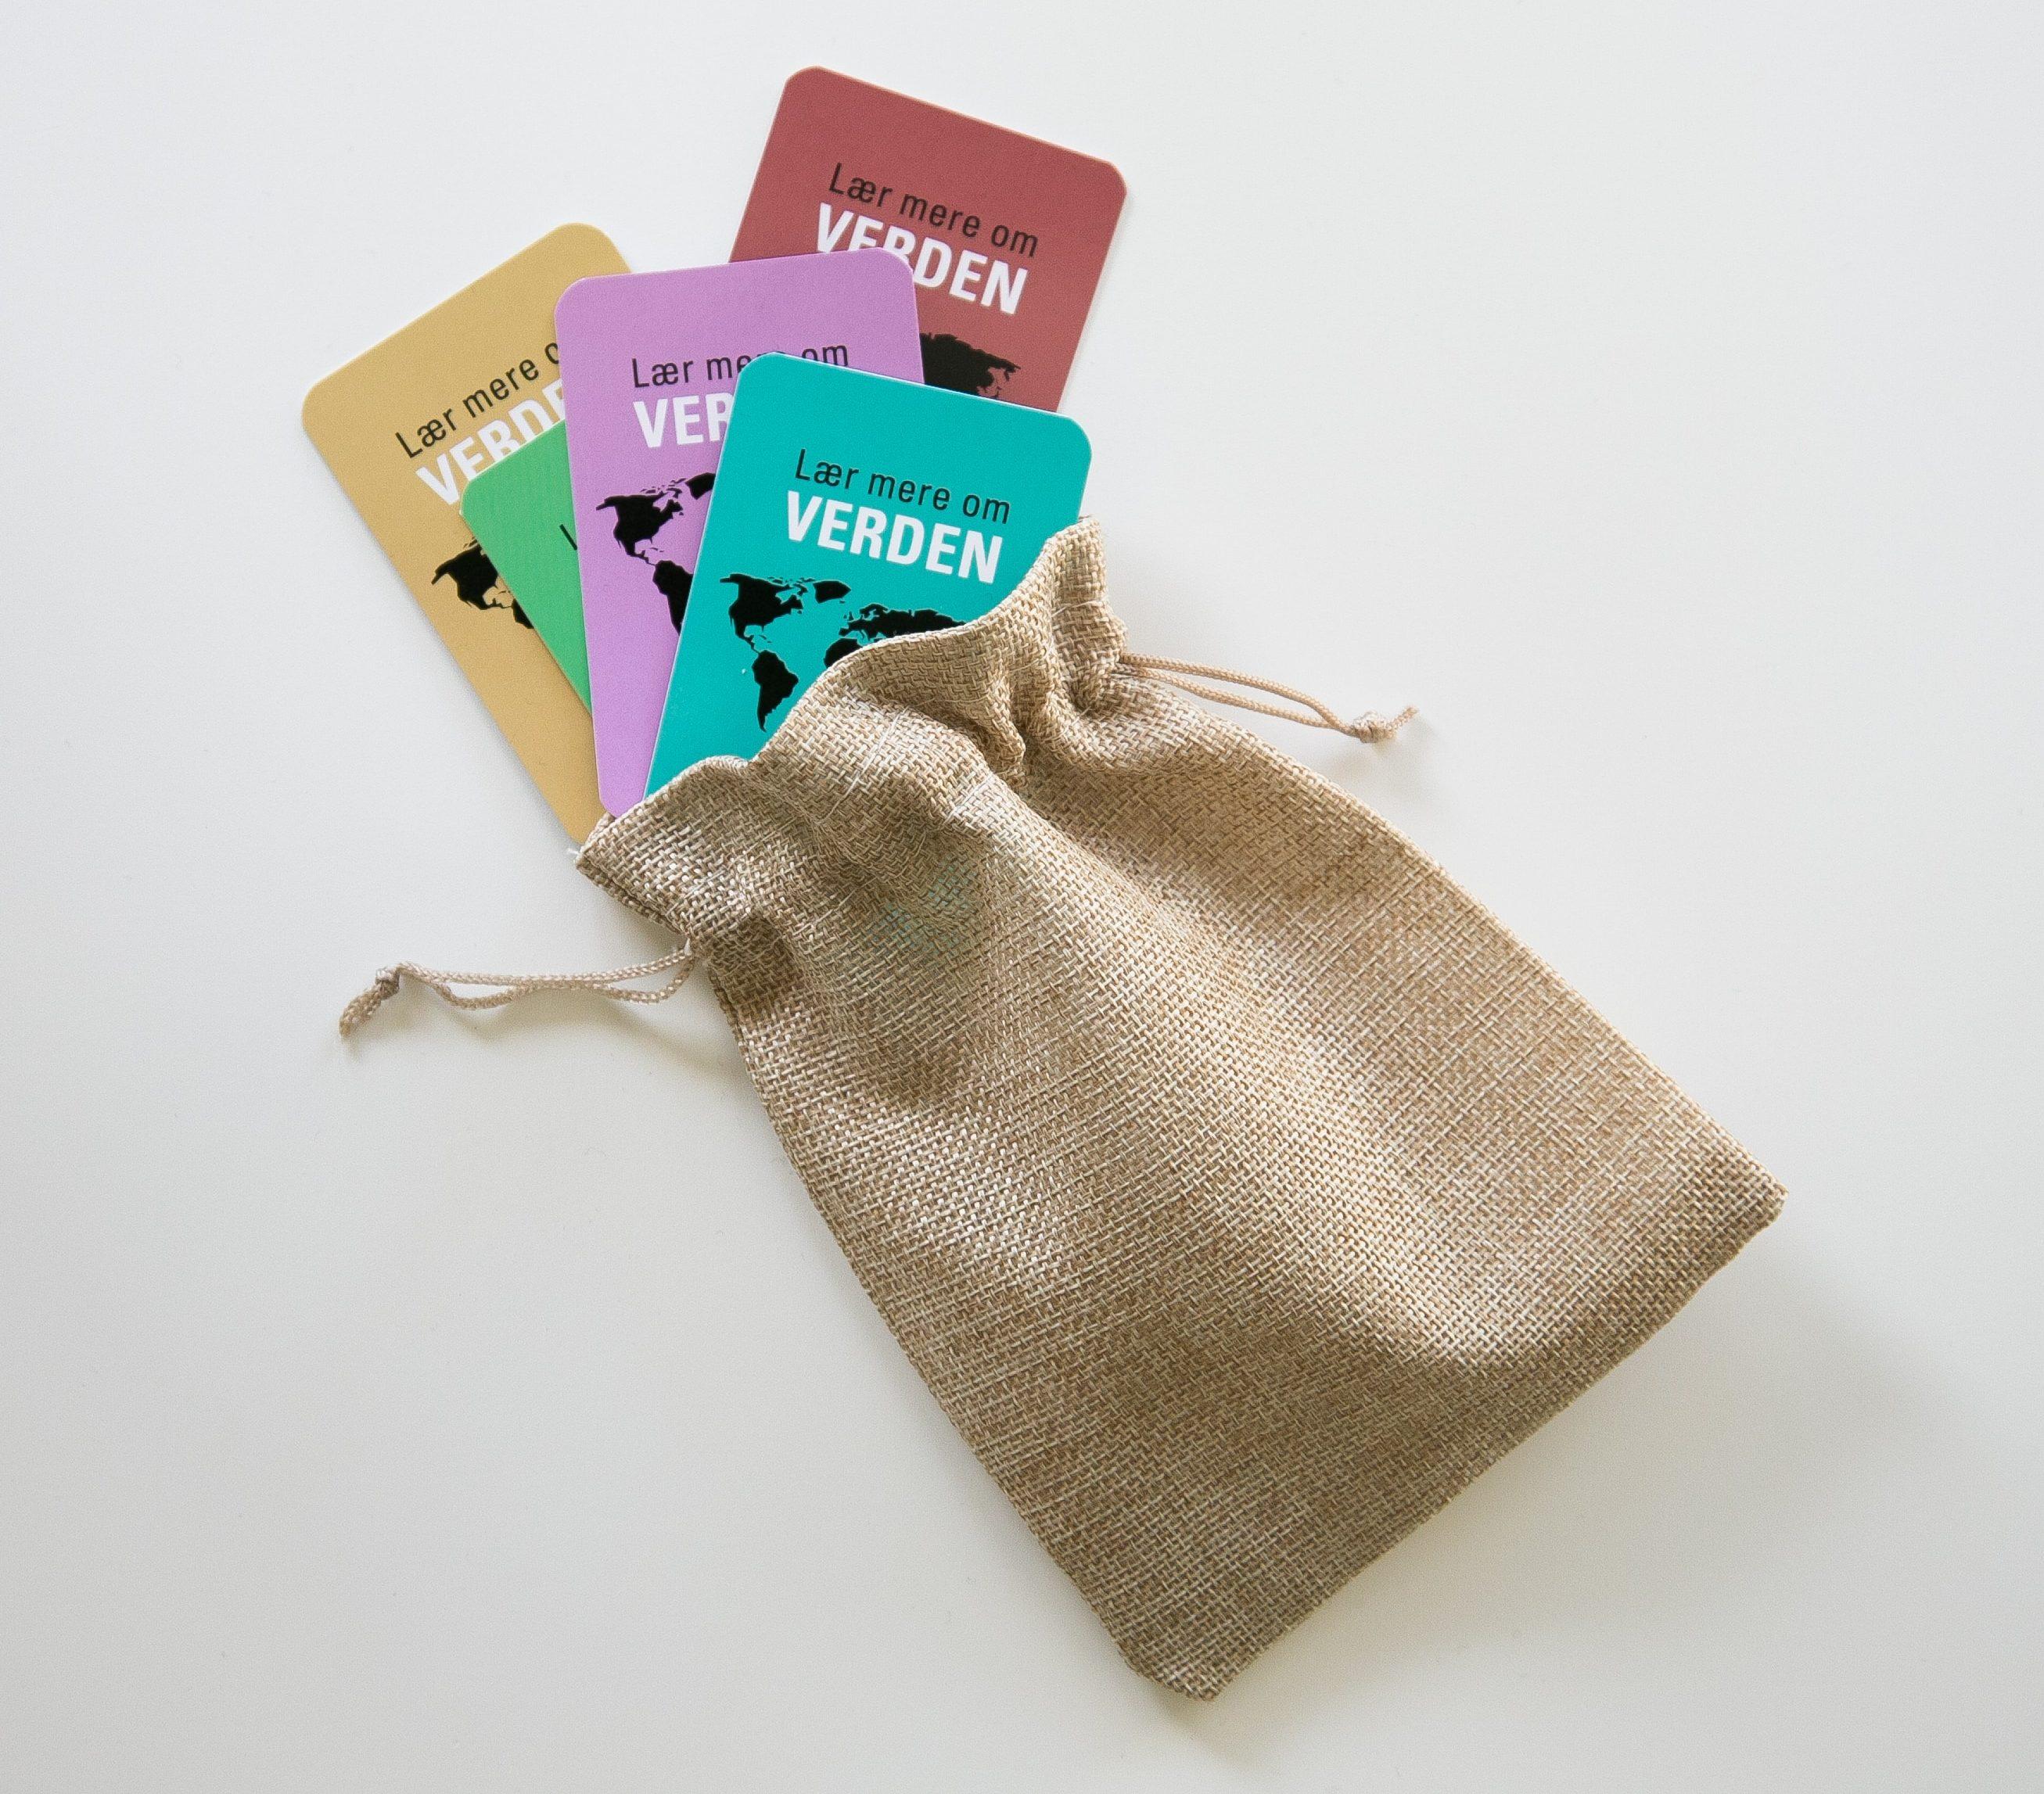 Designed Learning Komplet Spil i hørpose